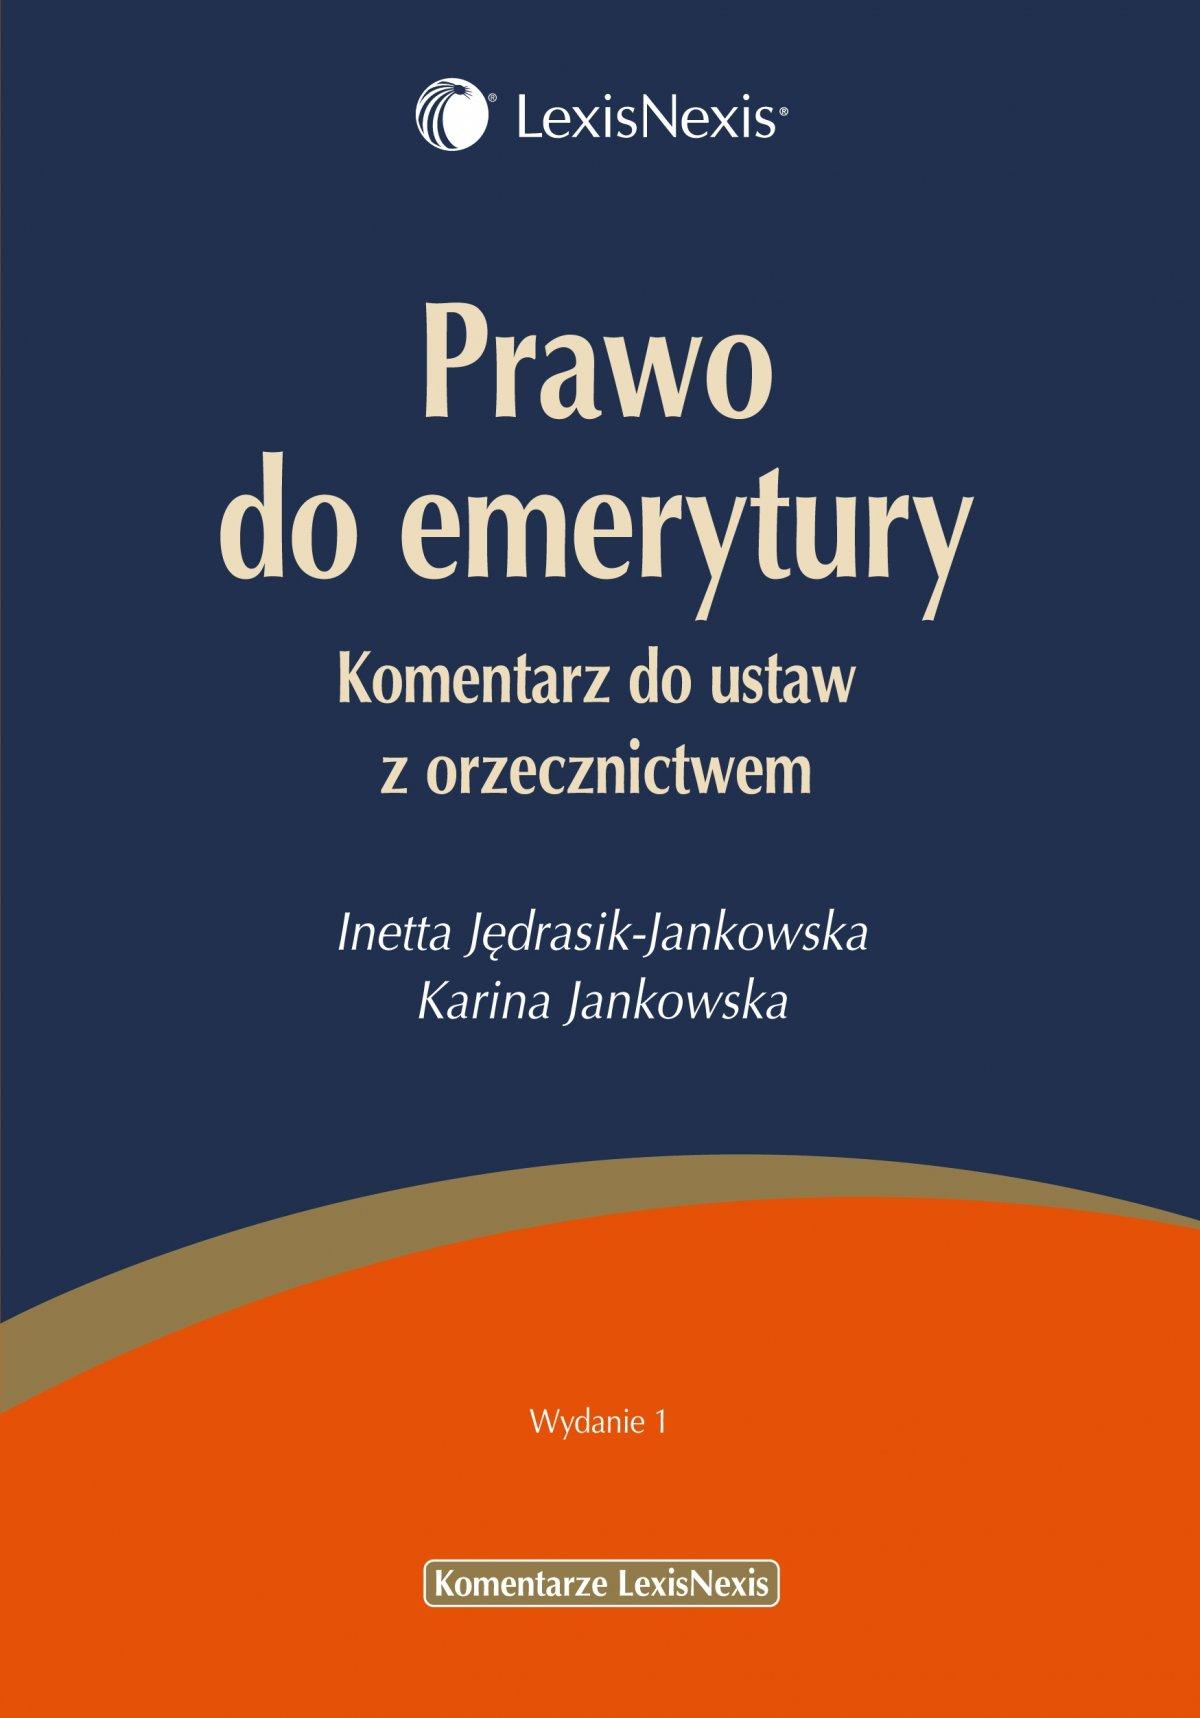 Prawo do emerytury. Komentarz do ustaw z orzecznictwem - Ebook (Książka PDF) do pobrania w formacie PDF